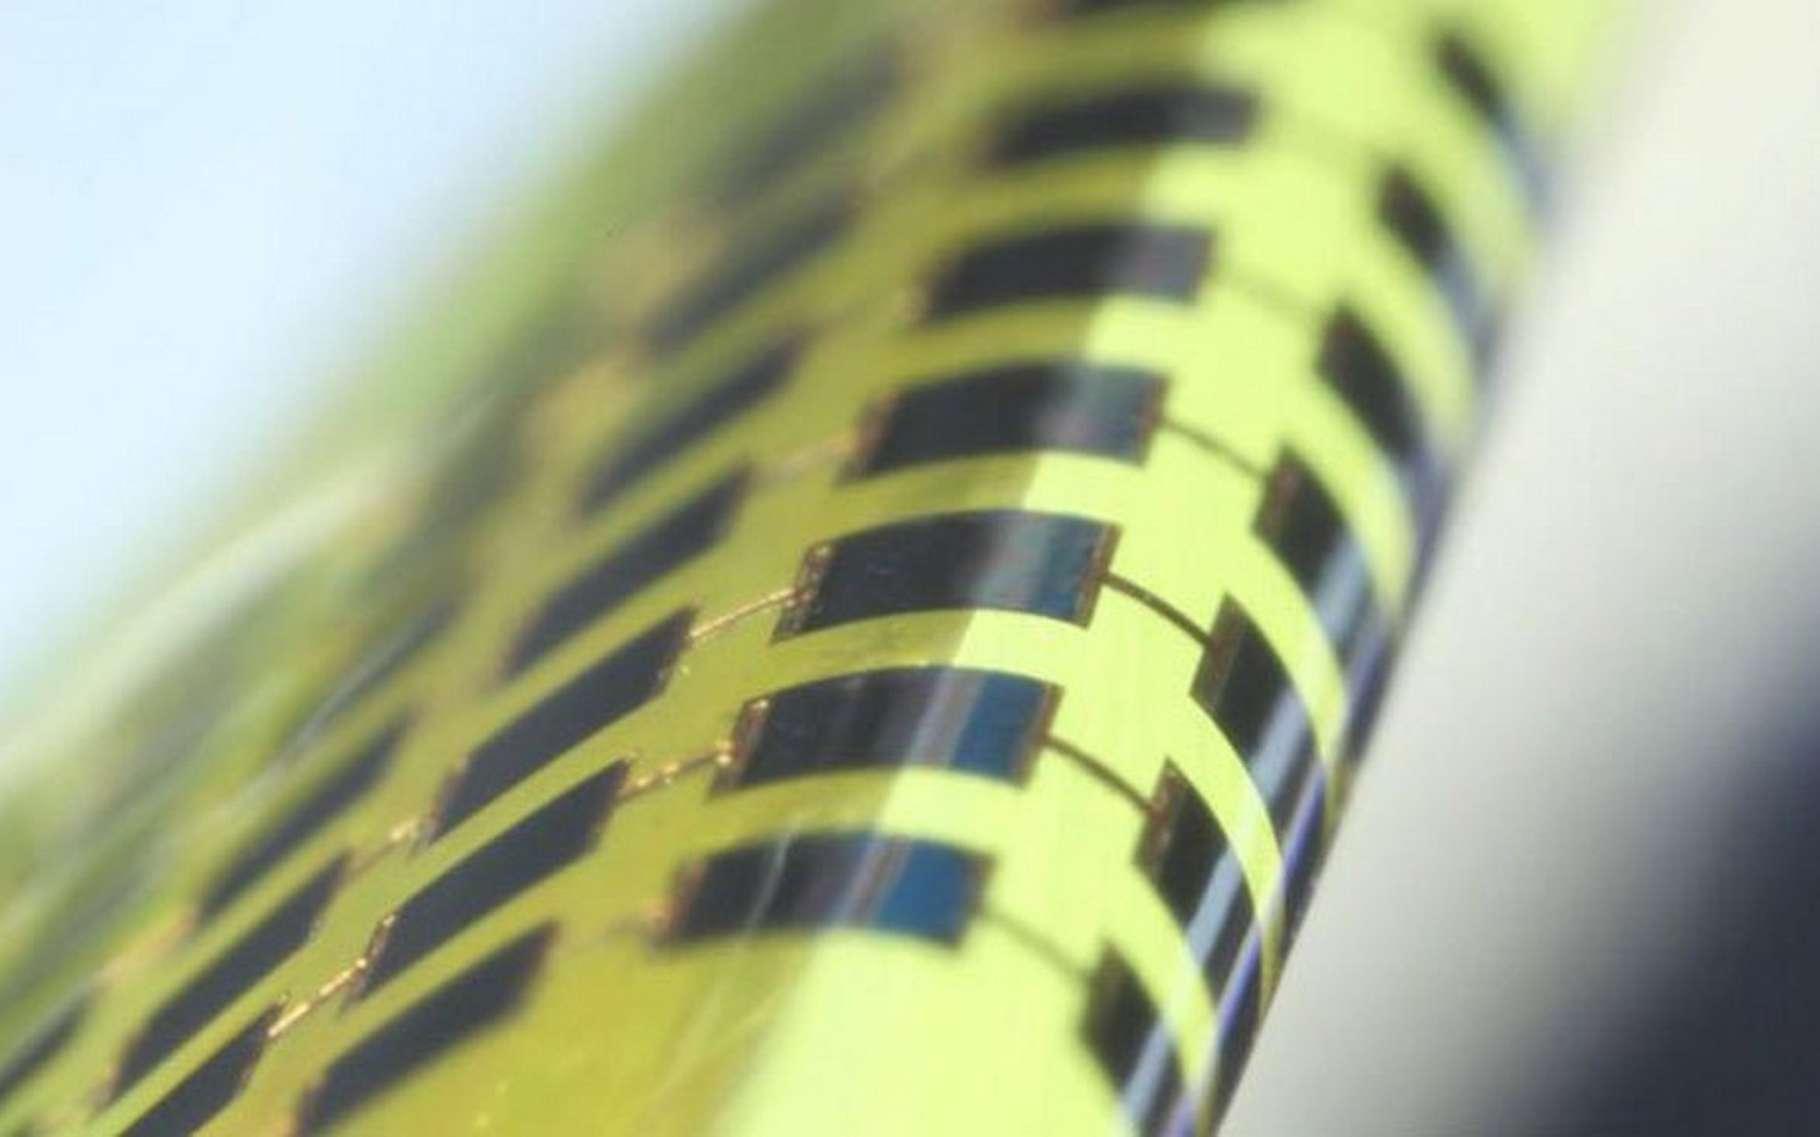 Les cellules photovoltaïques fabriquées par l'équipe du Gwangju Institute of Science and Technology ont pu supporter 1.000 cycles de flexion sans que leurs performances ne se dégradent. Il en faudrait toutefois beaucoup plus pour envisager une utilisation sur des produits électroniques grand public. © Juho Kim, APL